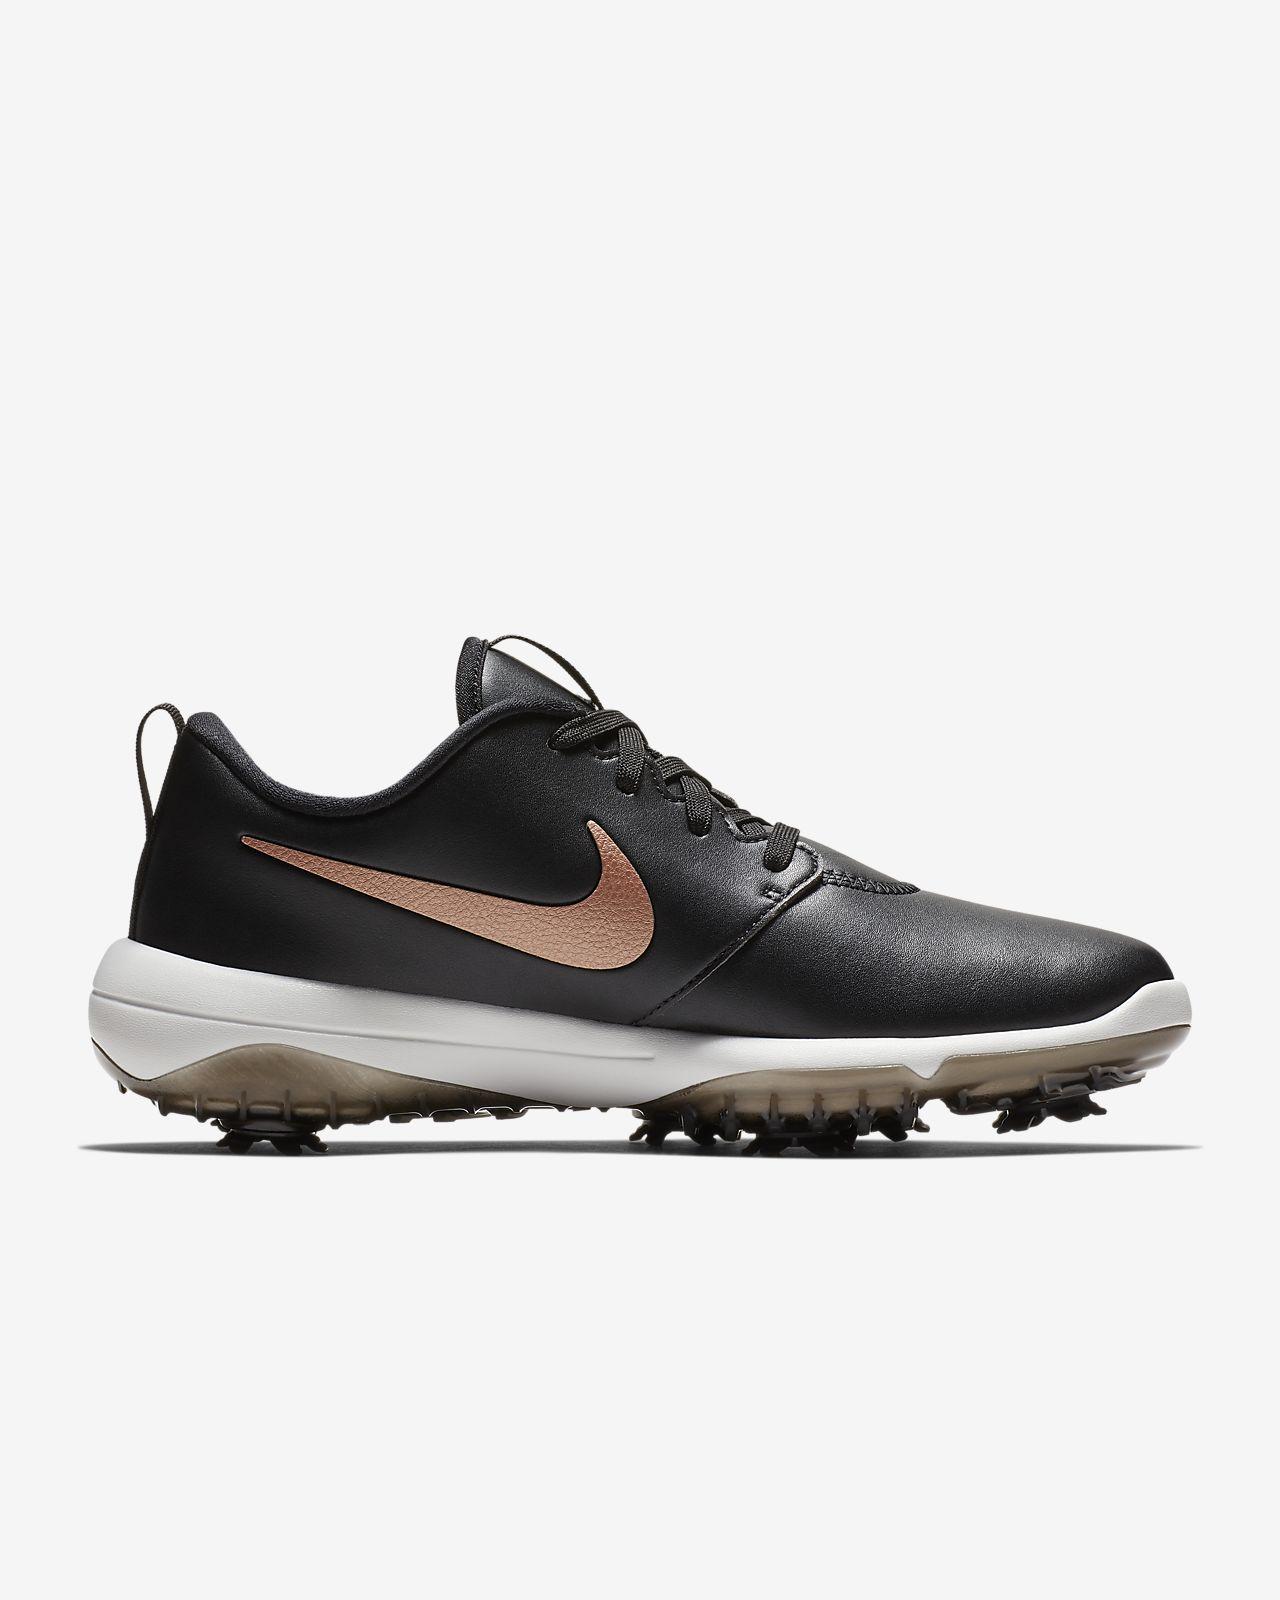 best website a23a9 249b4 ... Nike Roshe G Tour Women s Golf Shoe